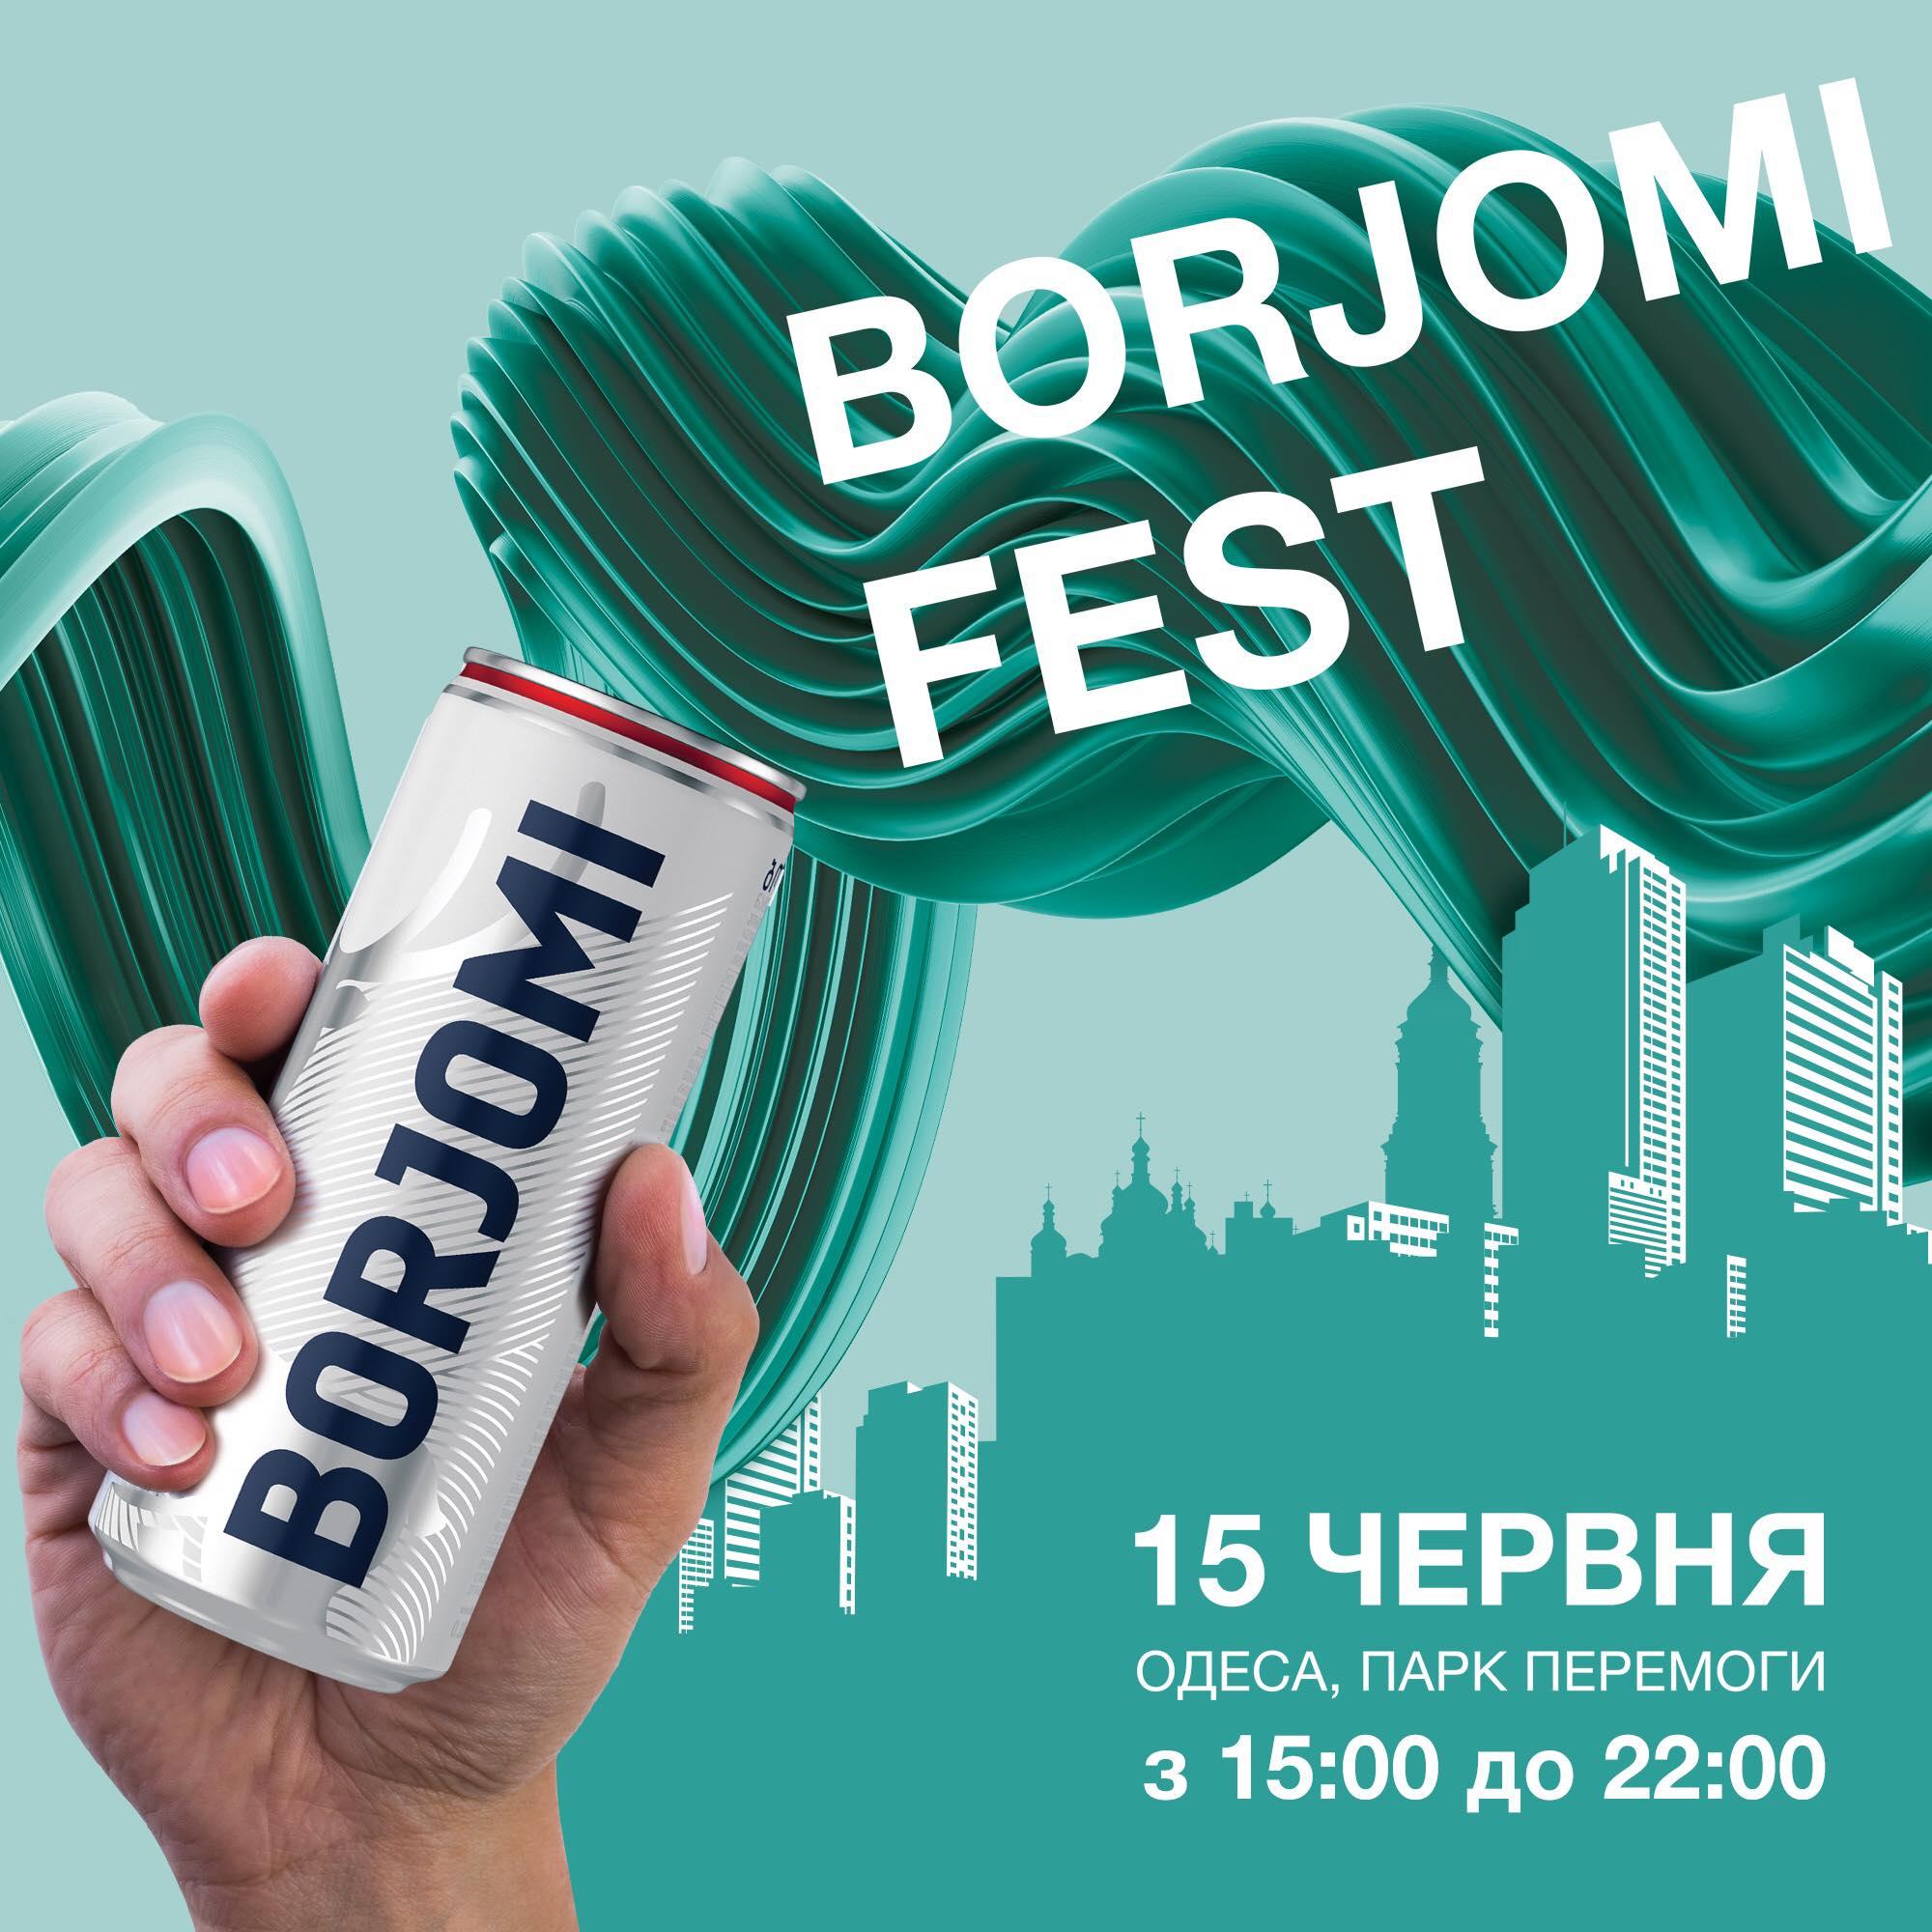 Танцы под Mgzavrebі и яркие эмоции – Одесса покажет свой характер на Borjomi Fest 2019